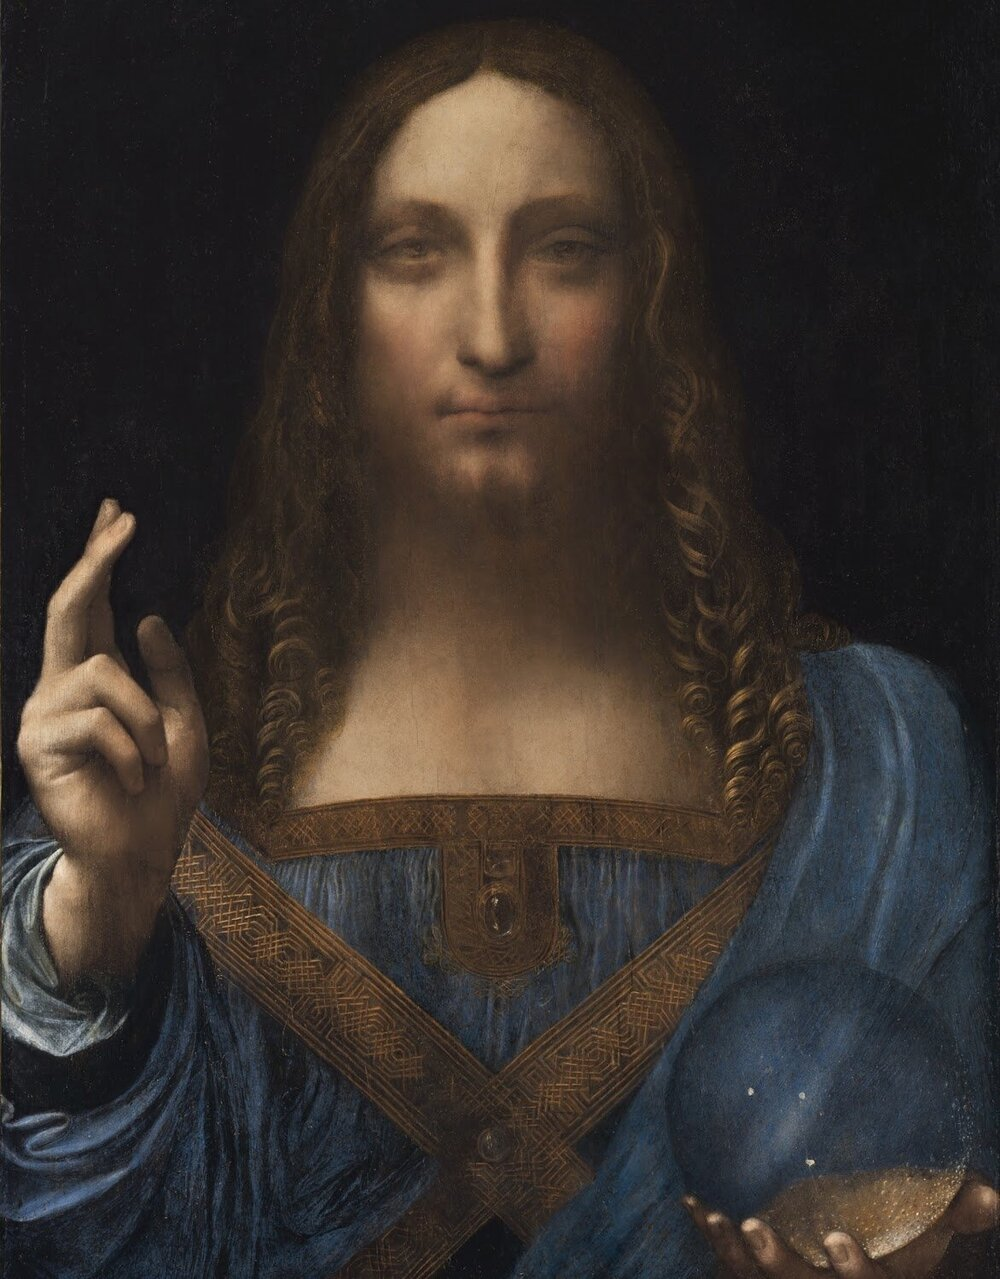 Леонардо да Вінчі, «Спаситель світу», 450 мільйона доларів